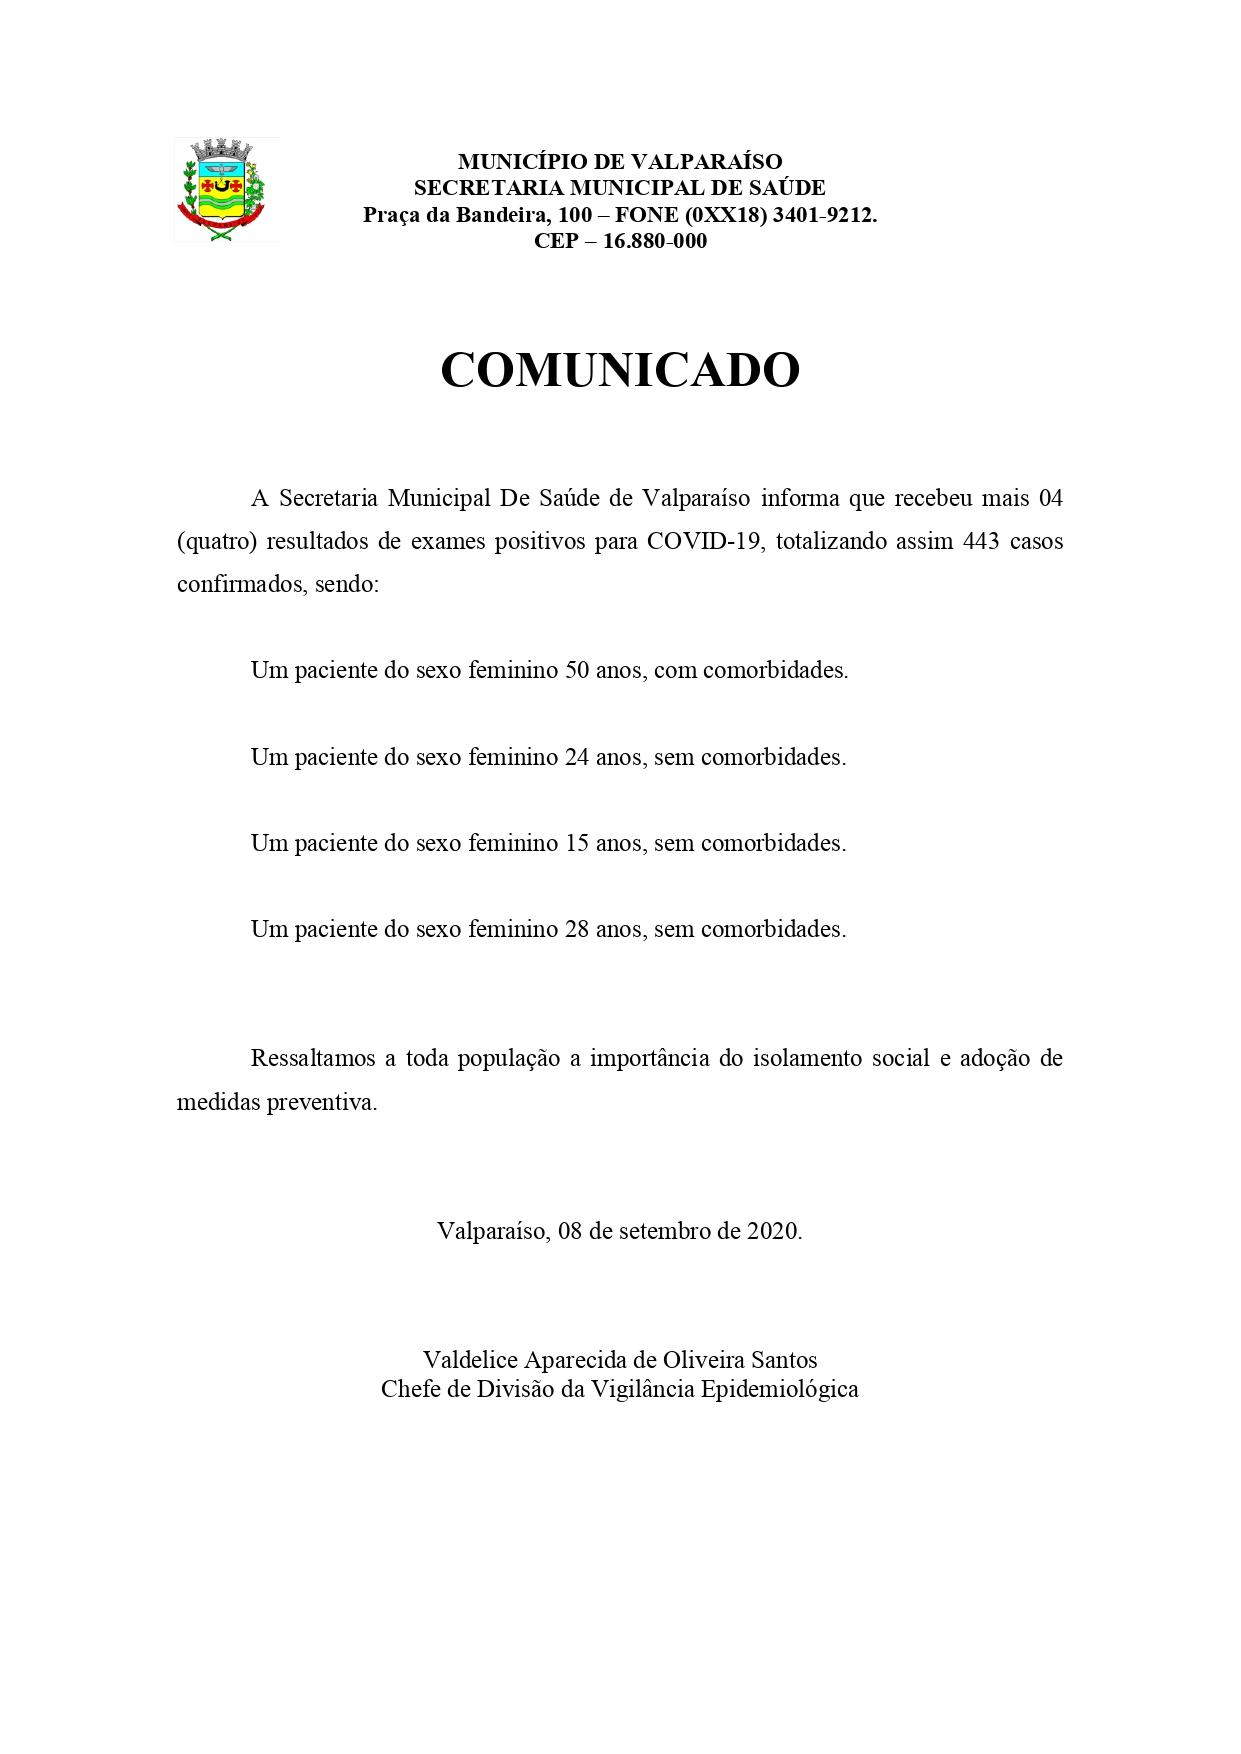 covid443